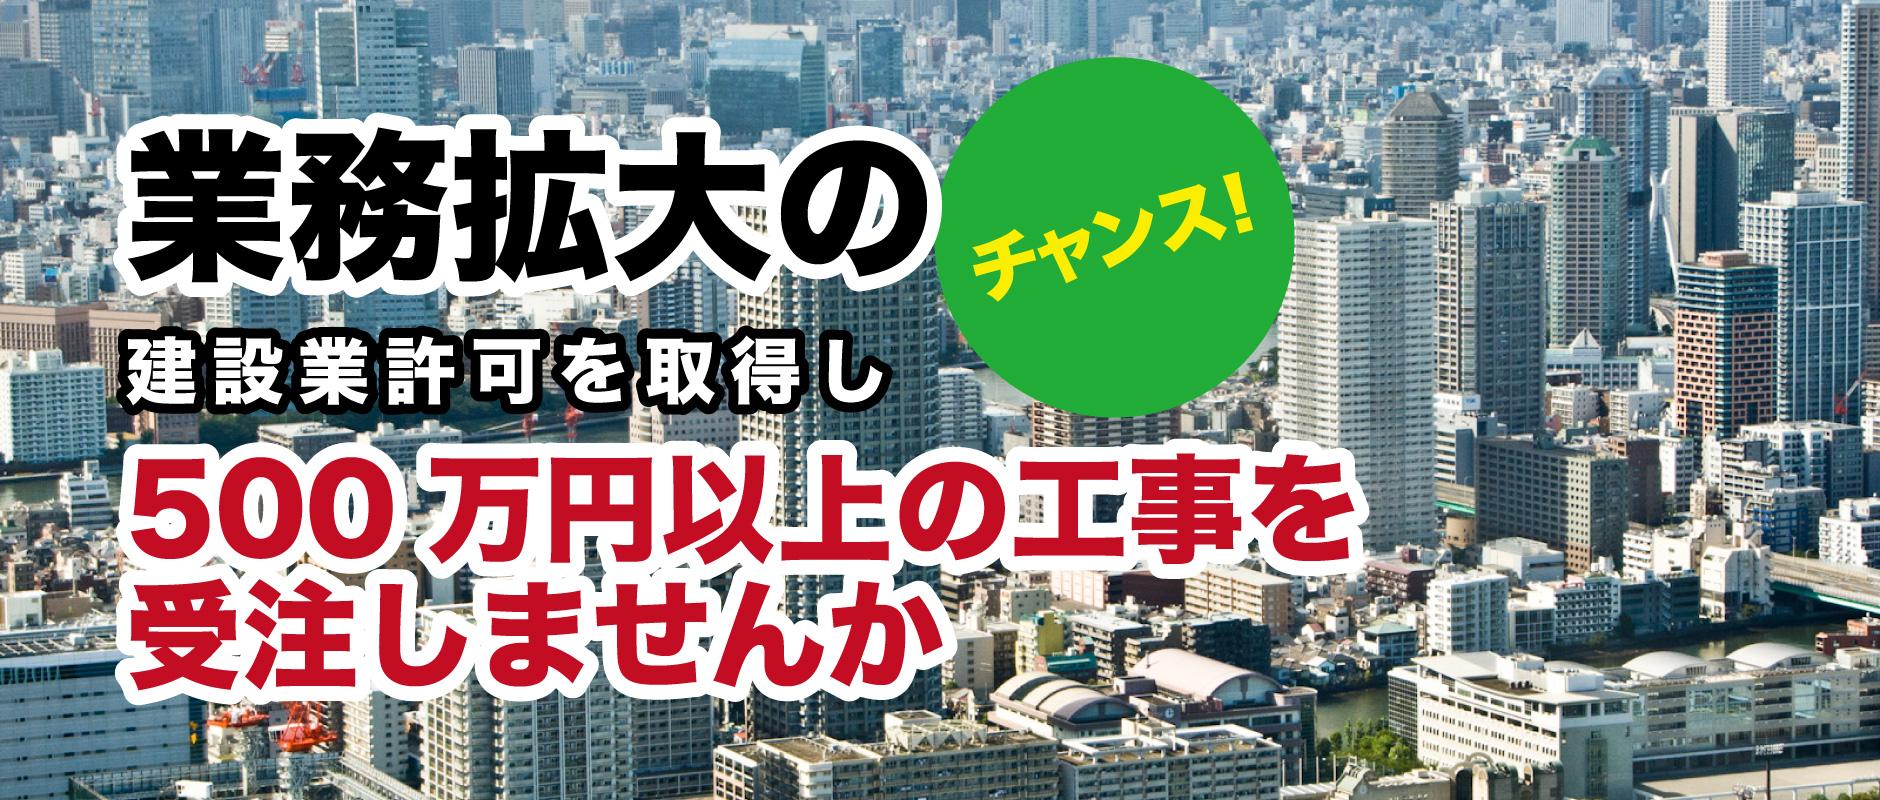 業 円 500 万 建設 許可